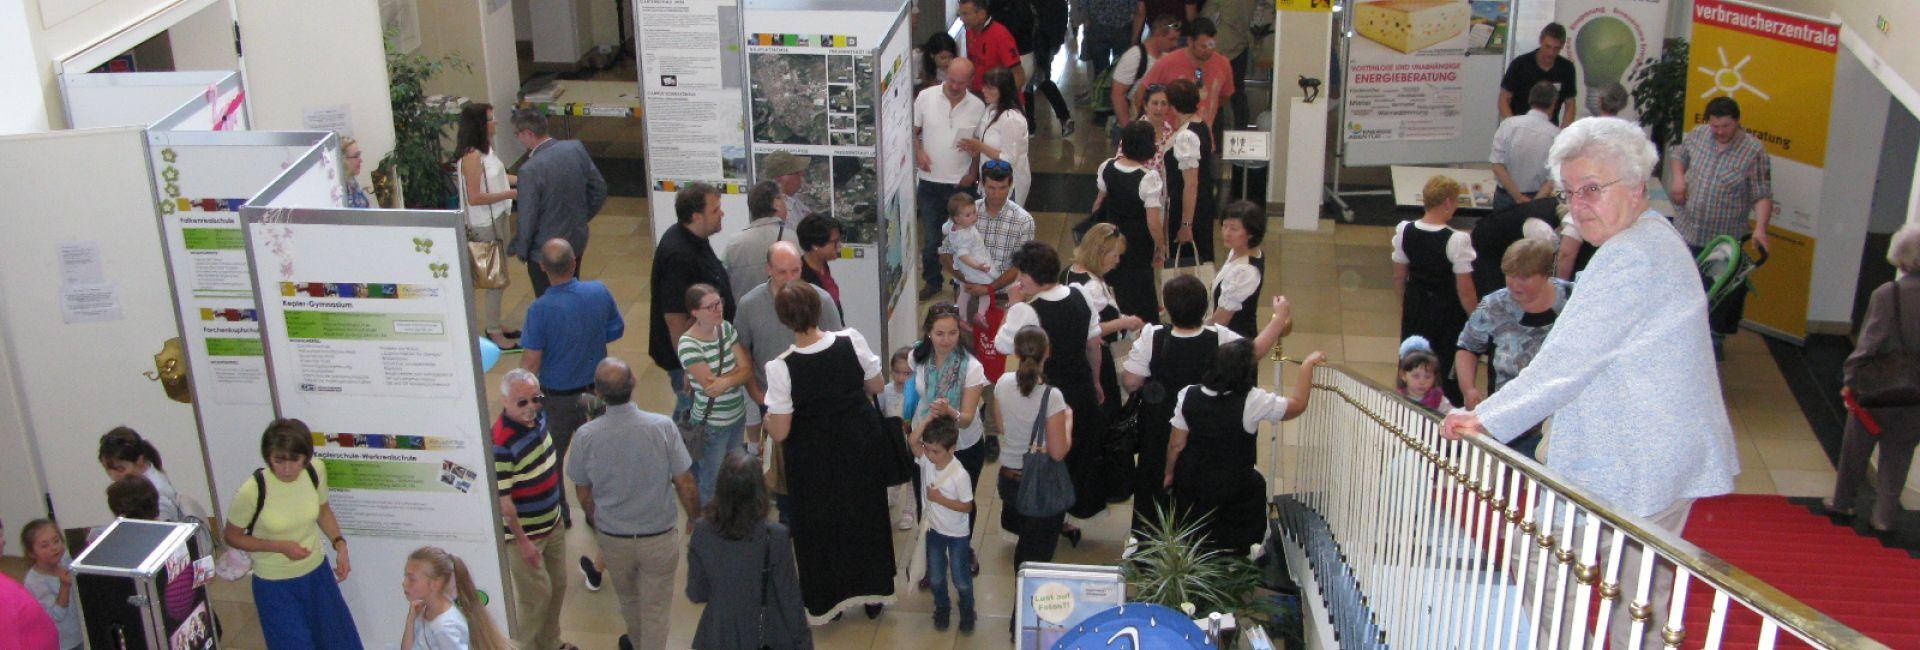 Stände auf der Bürgermesse